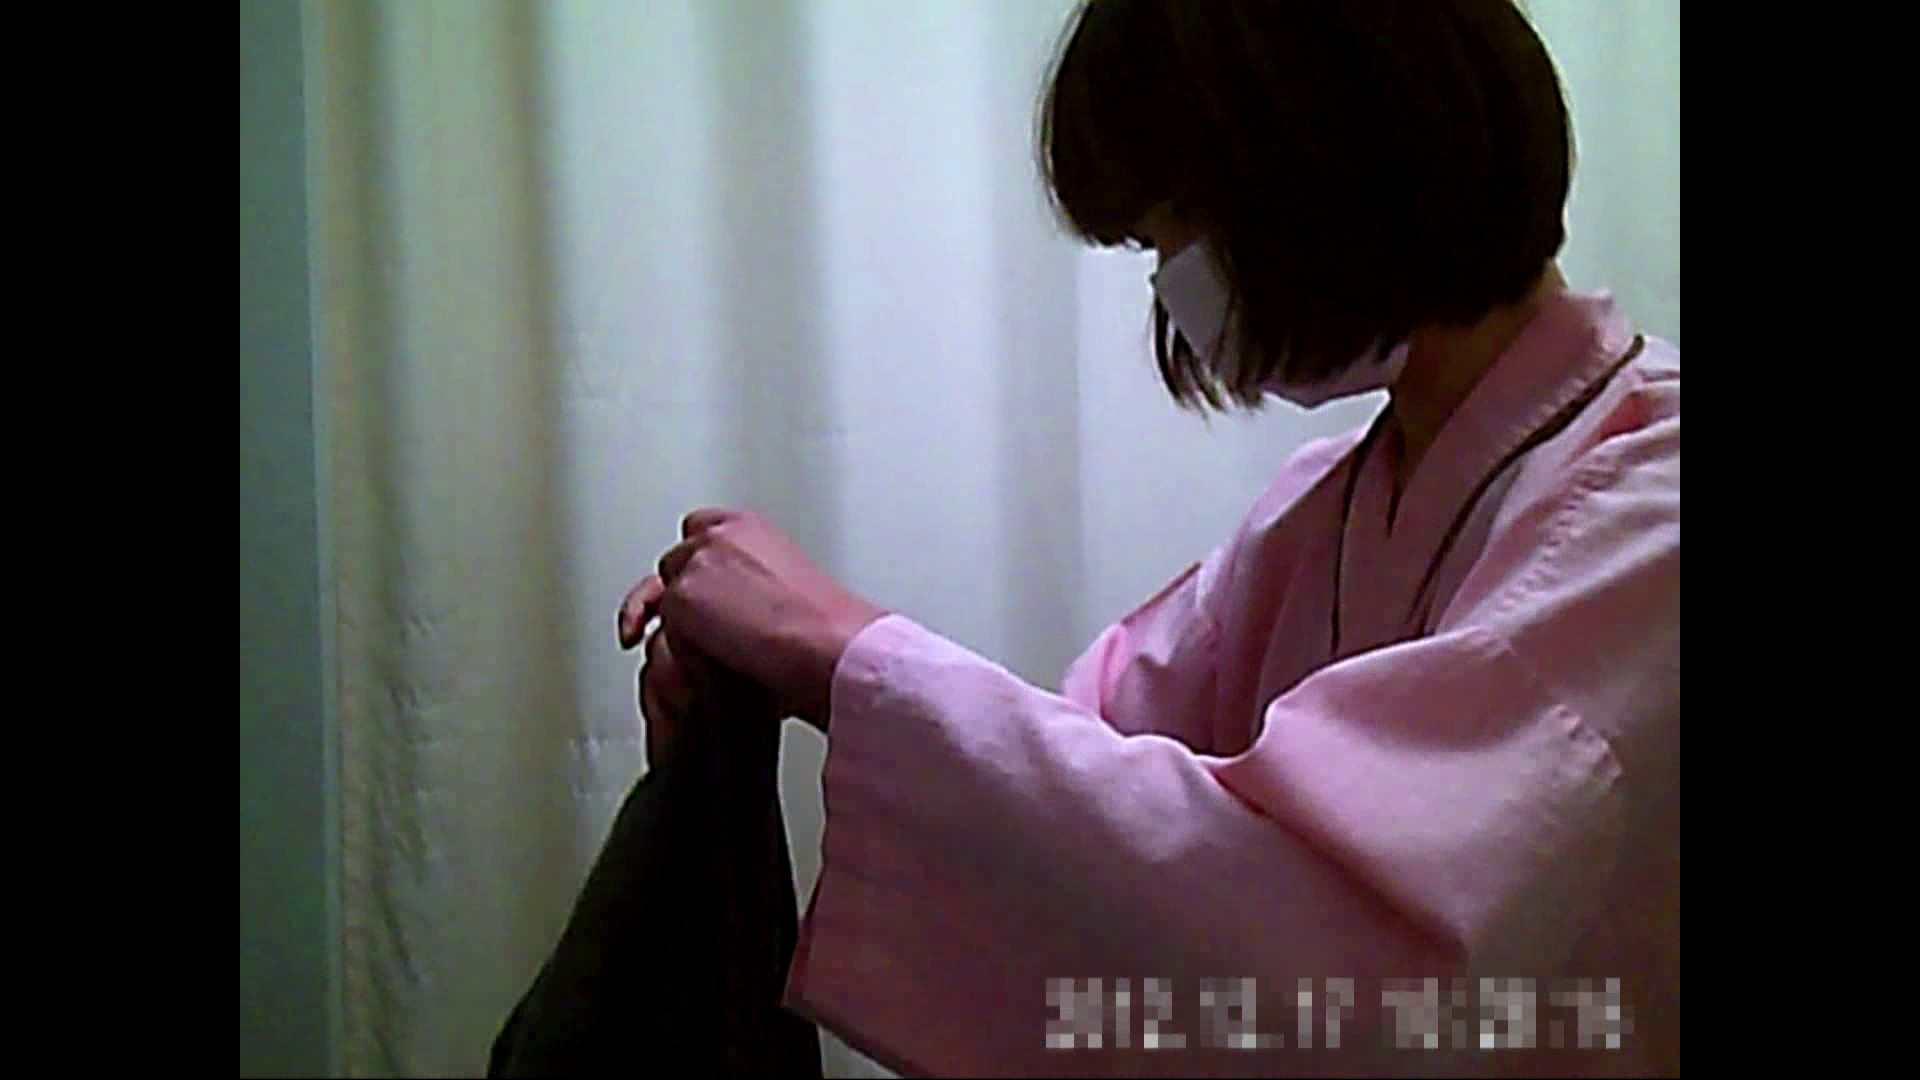 病院おもいっきり着替え! vol.179 乳首ポロリ 盗撮おまんこ無修正動画無料 101画像 11